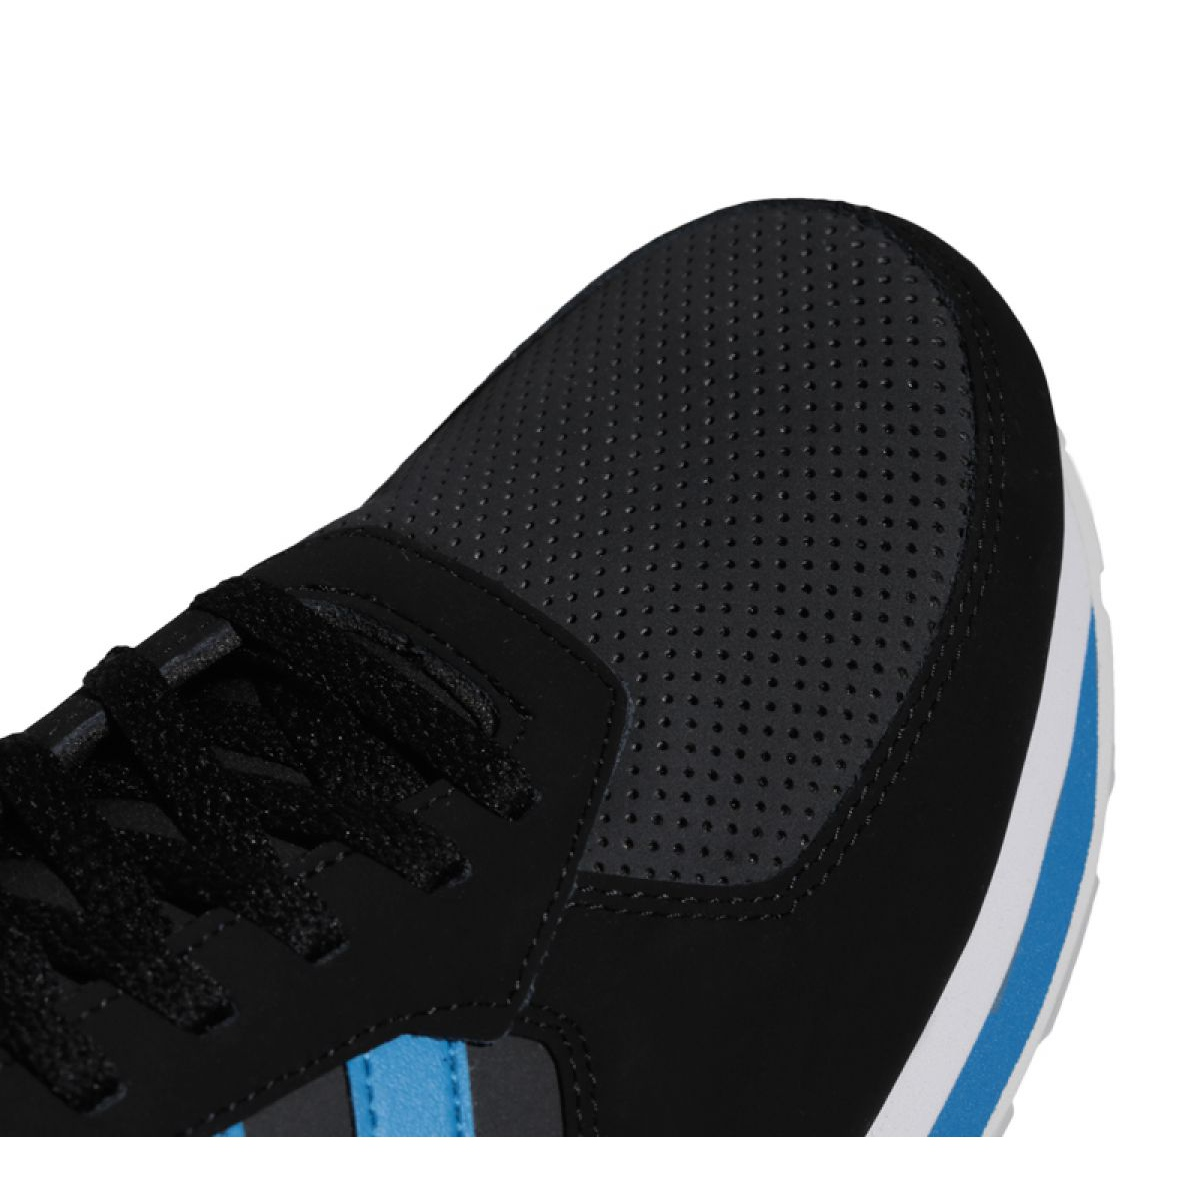 Sapatos Adidas 8K M F36888 preto